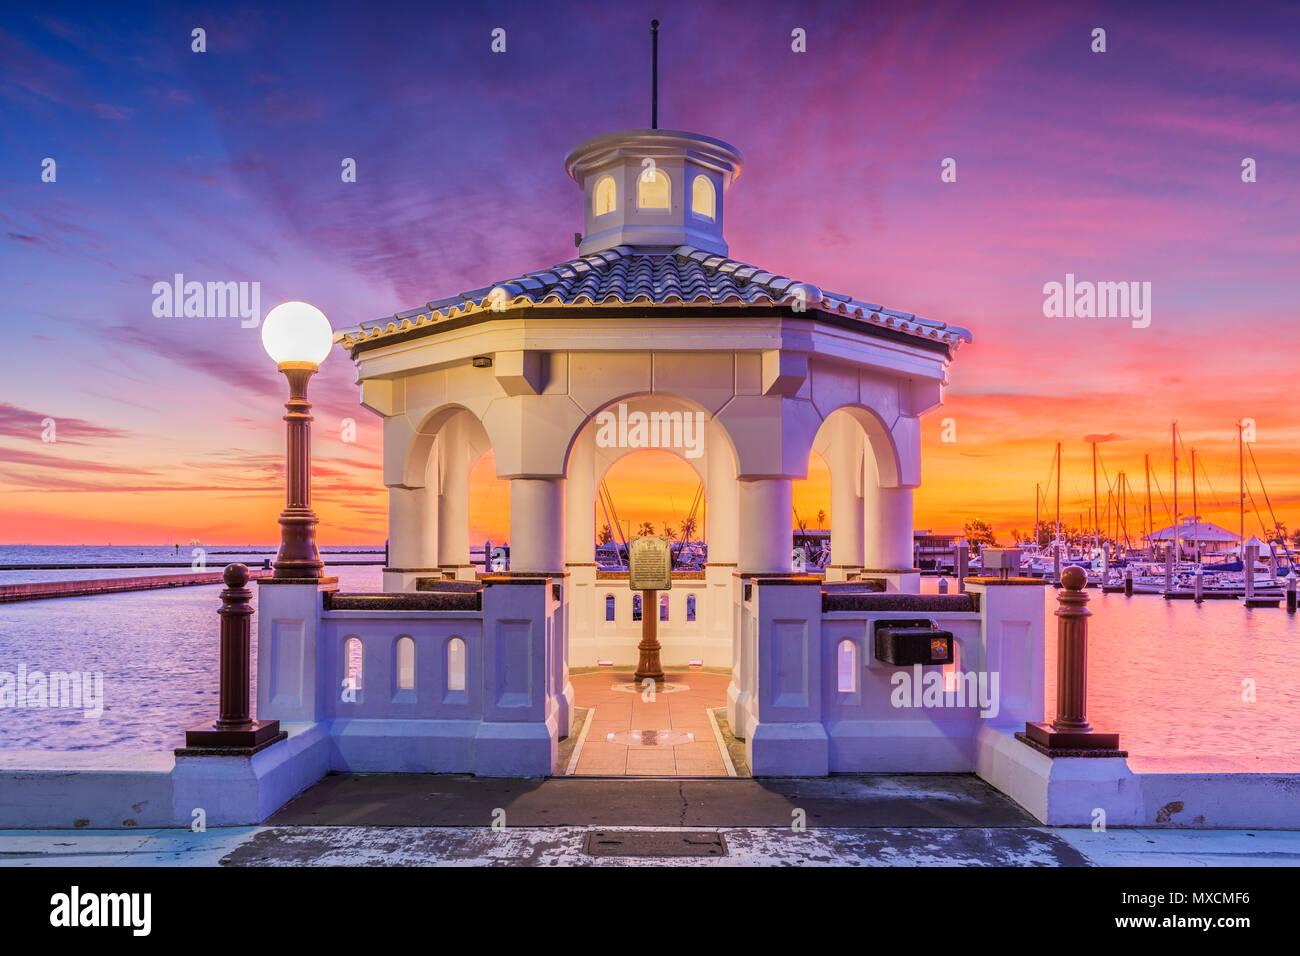 Corpus Christi, Texas, USA on the seawall at dawn. - Stock Image